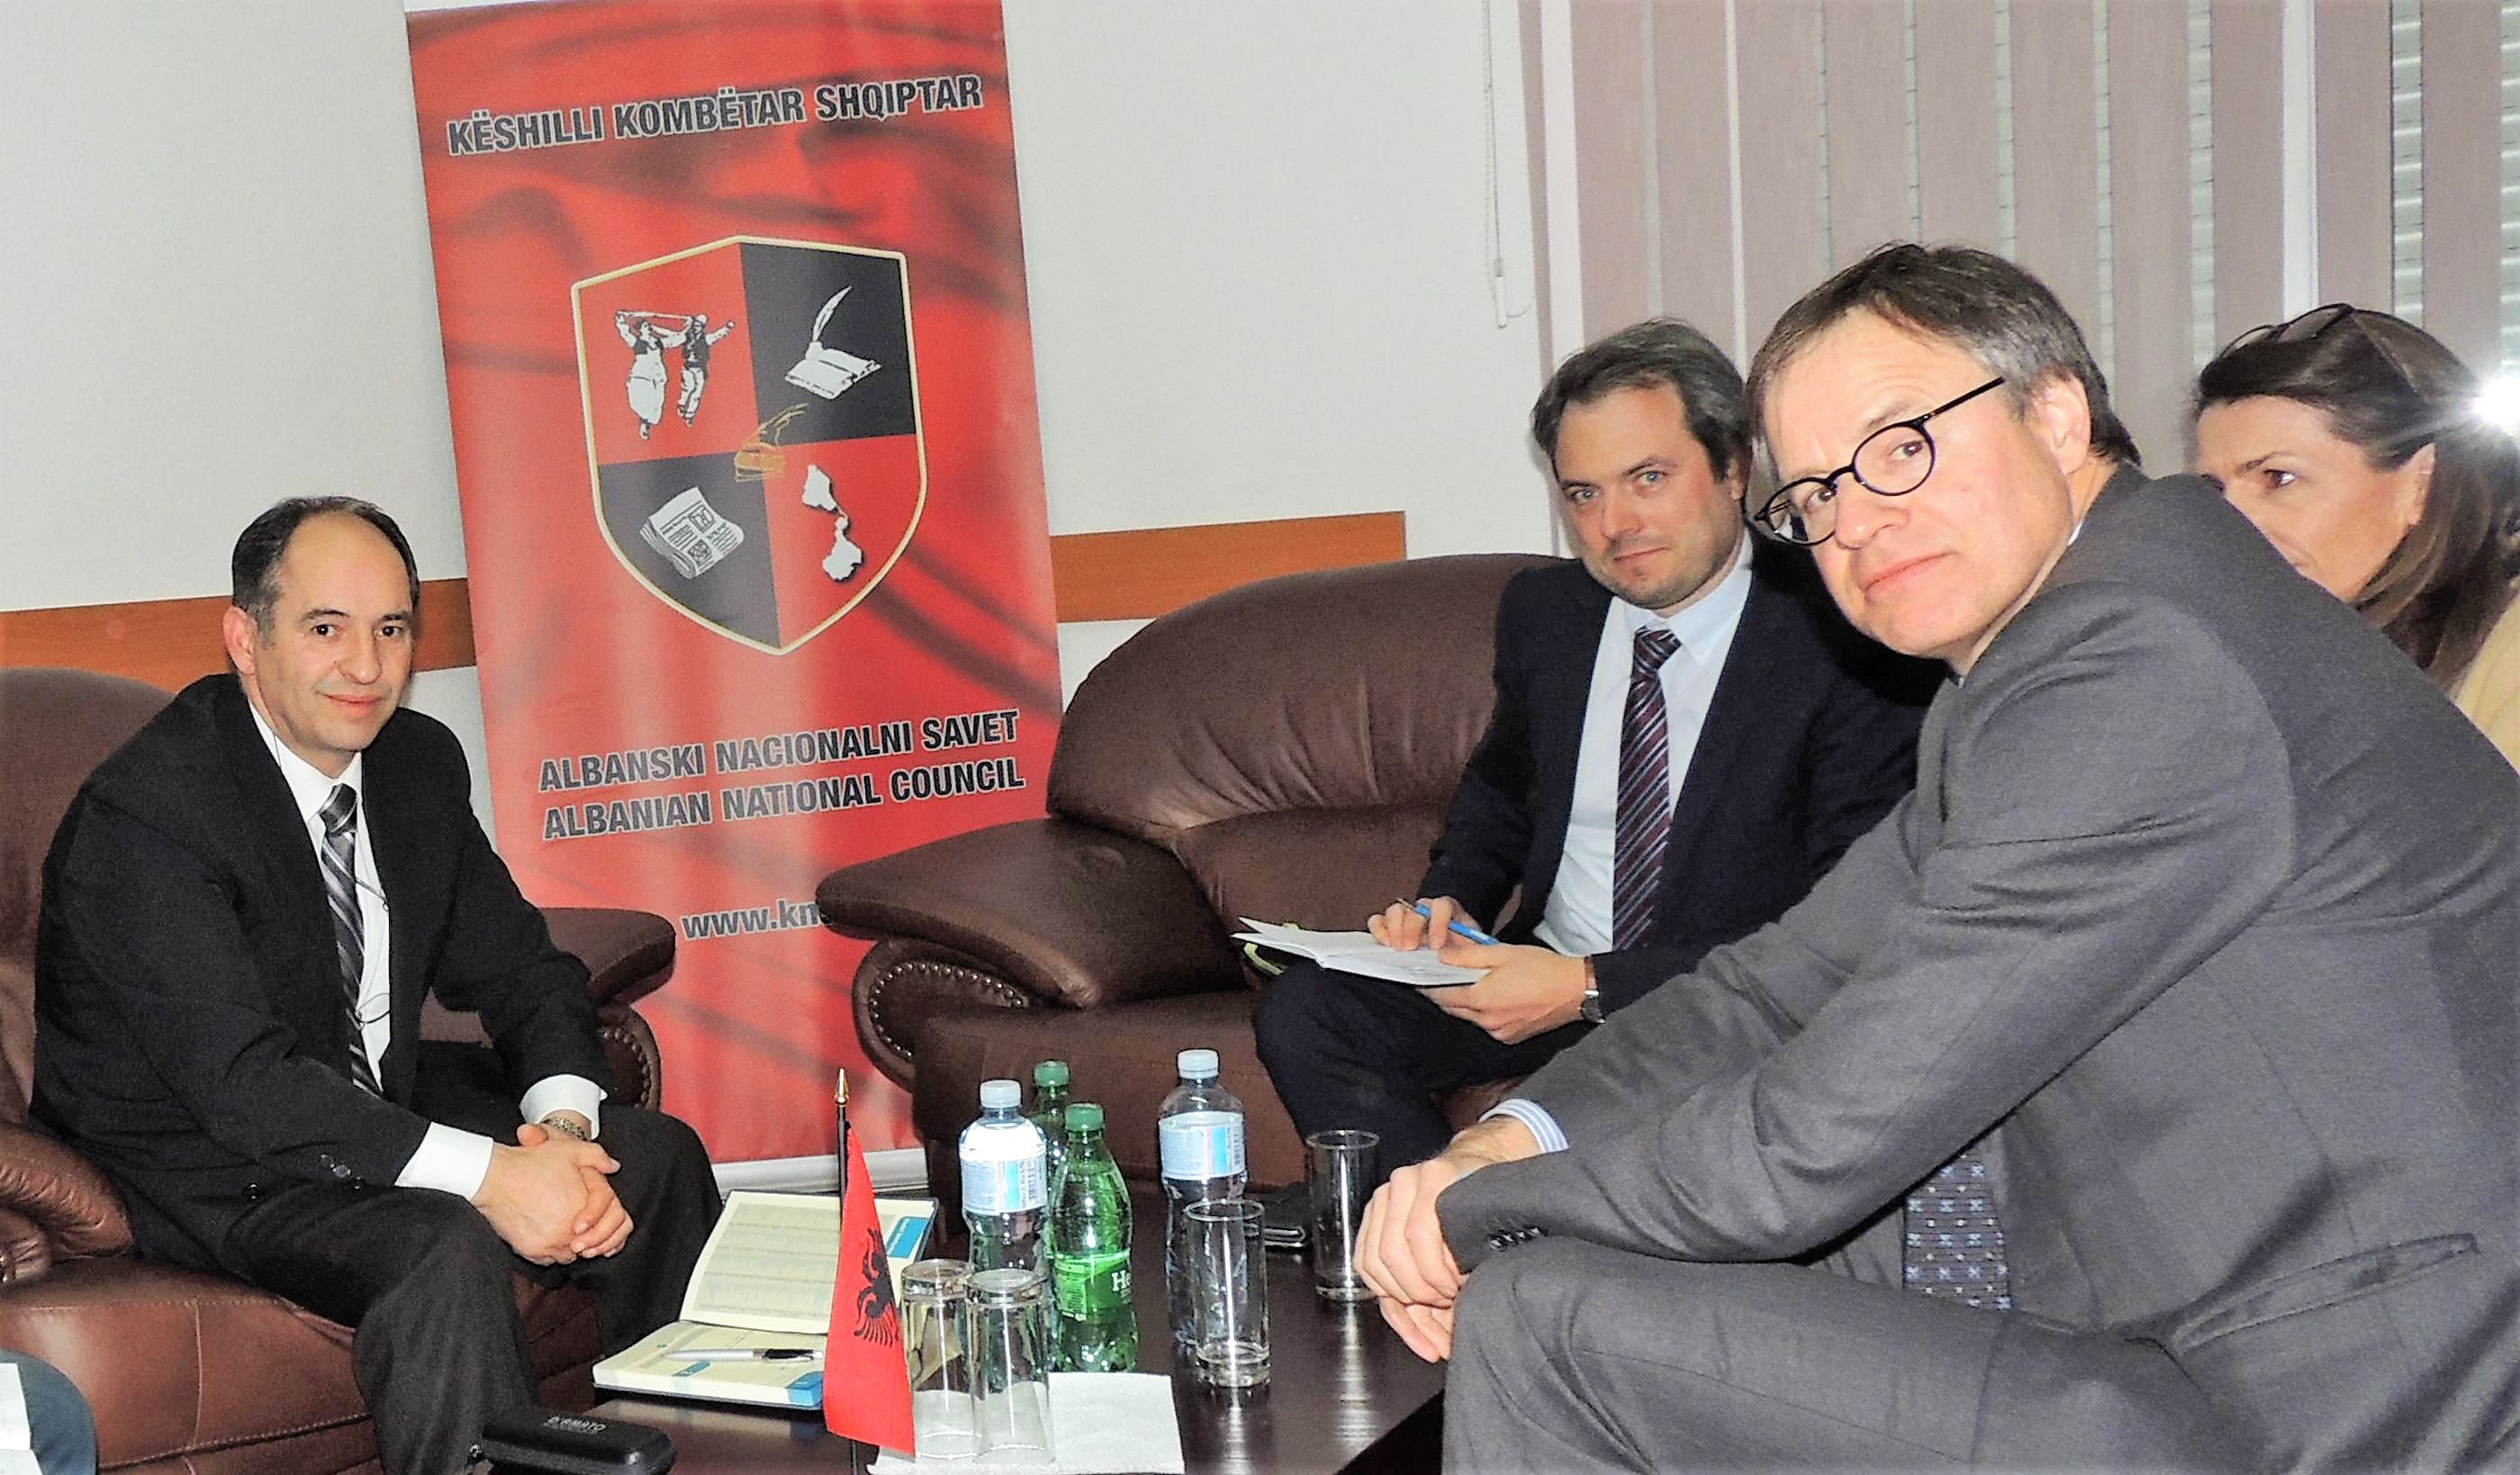 Ambasadori i gjermanisë  vizitoi Këshillin Kombëtar Shqiptar